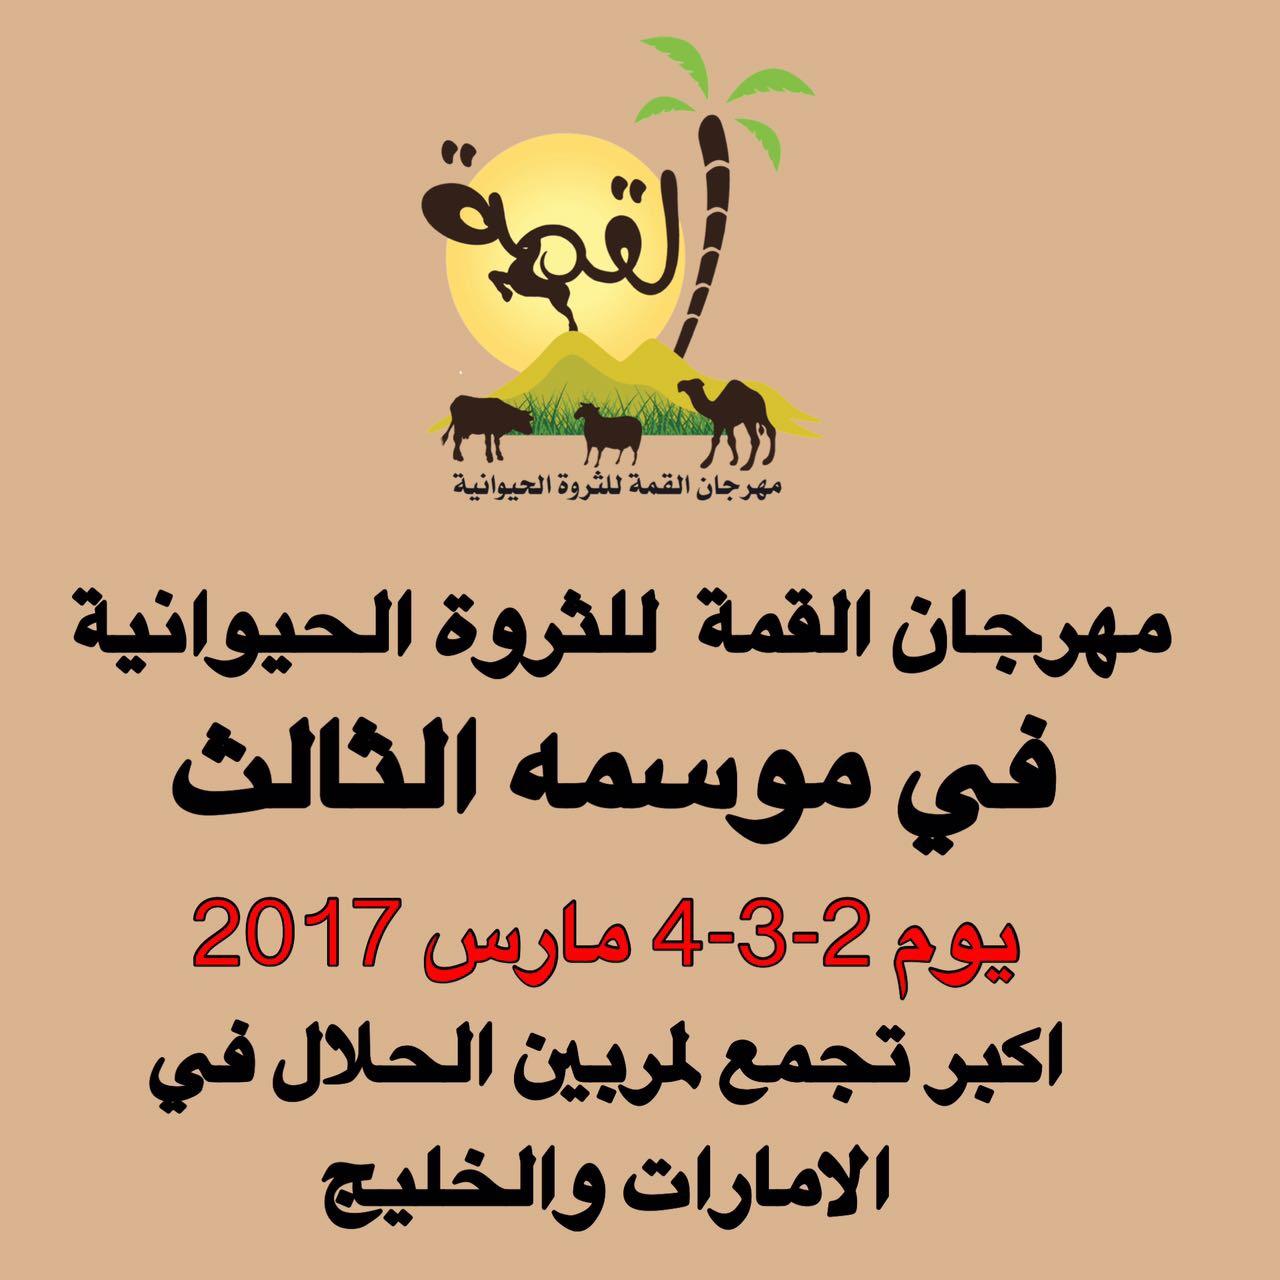 دعوه لحضور مزاد القمه الخليجي 5f354d6faae92385eded